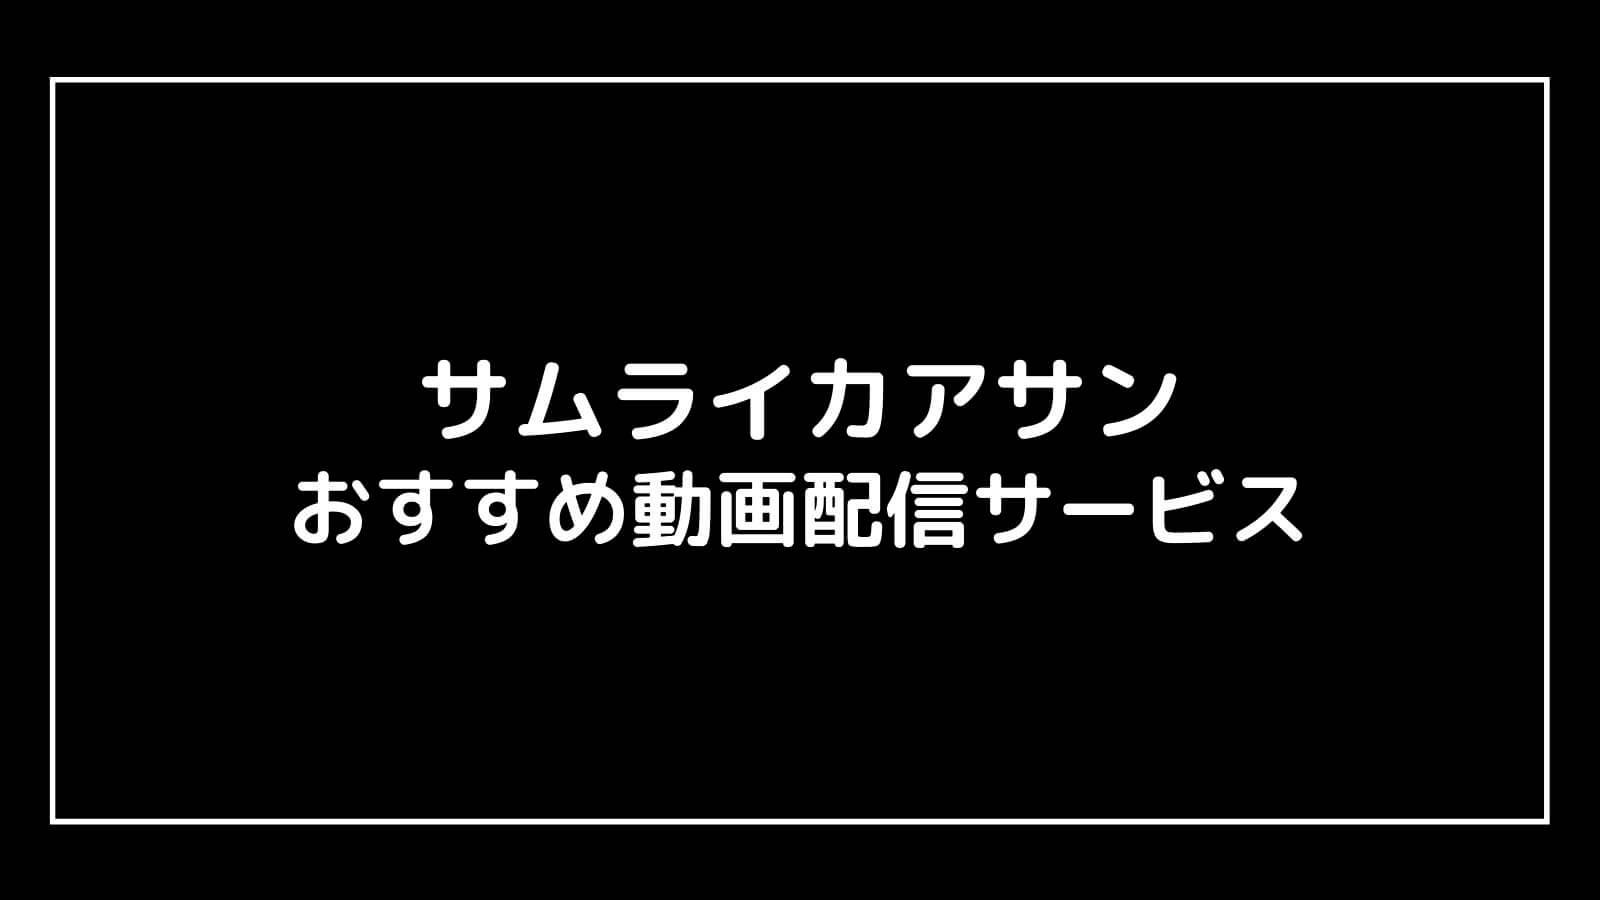 『サムライカアサン』の見逃し配信を無料視聴できるおすすめ動画配信サイト